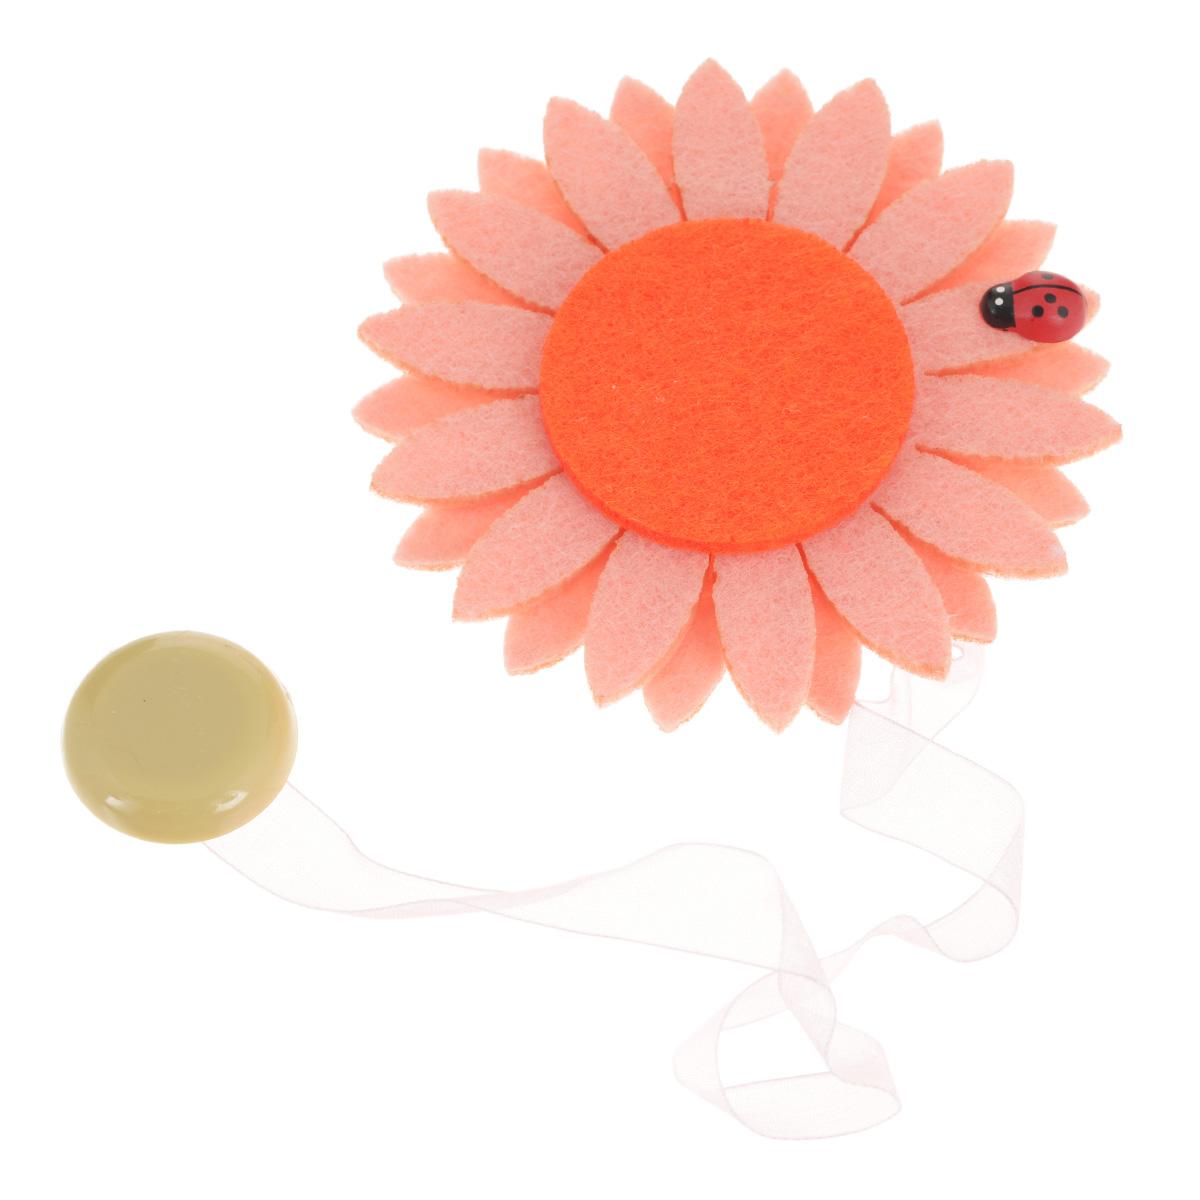 Клипса-магнит для штор Calamita Fiore, цвет: бледно-розовый, рыжий. 7704012_5517704012_551Клипса-магнит Calamita Fiore, изготовленная из пластика и текстиля, предназначена для придания формы шторам. Изделие представляет собой два магнита, расположенные на разных концах текстильной ленты. Один из магнитов оформлен декоративным цветком. С помощью такой магнитной клипсы можно зафиксировать портьеры, придать им требуемое положение, сделать складки симметричными или приблизить портьеры, скрепить их. Клипсы для штор являются универсальным изделием, которое превосходно подойдет как для штор в детской комнате, так и для штор в гостиной. Следует отметить, что клипсы для штор выполняют не только практическую функцию, но также являются одной из основных деталей декора этого изделия, которая придает шторам восхитительный, стильный внешний вид. Материал: пластик, полиэстер, магнит. Диаметр декоративного цветка: 9 см. Диаметр магнита: 2,5 см. Длина ленты: 28 см.